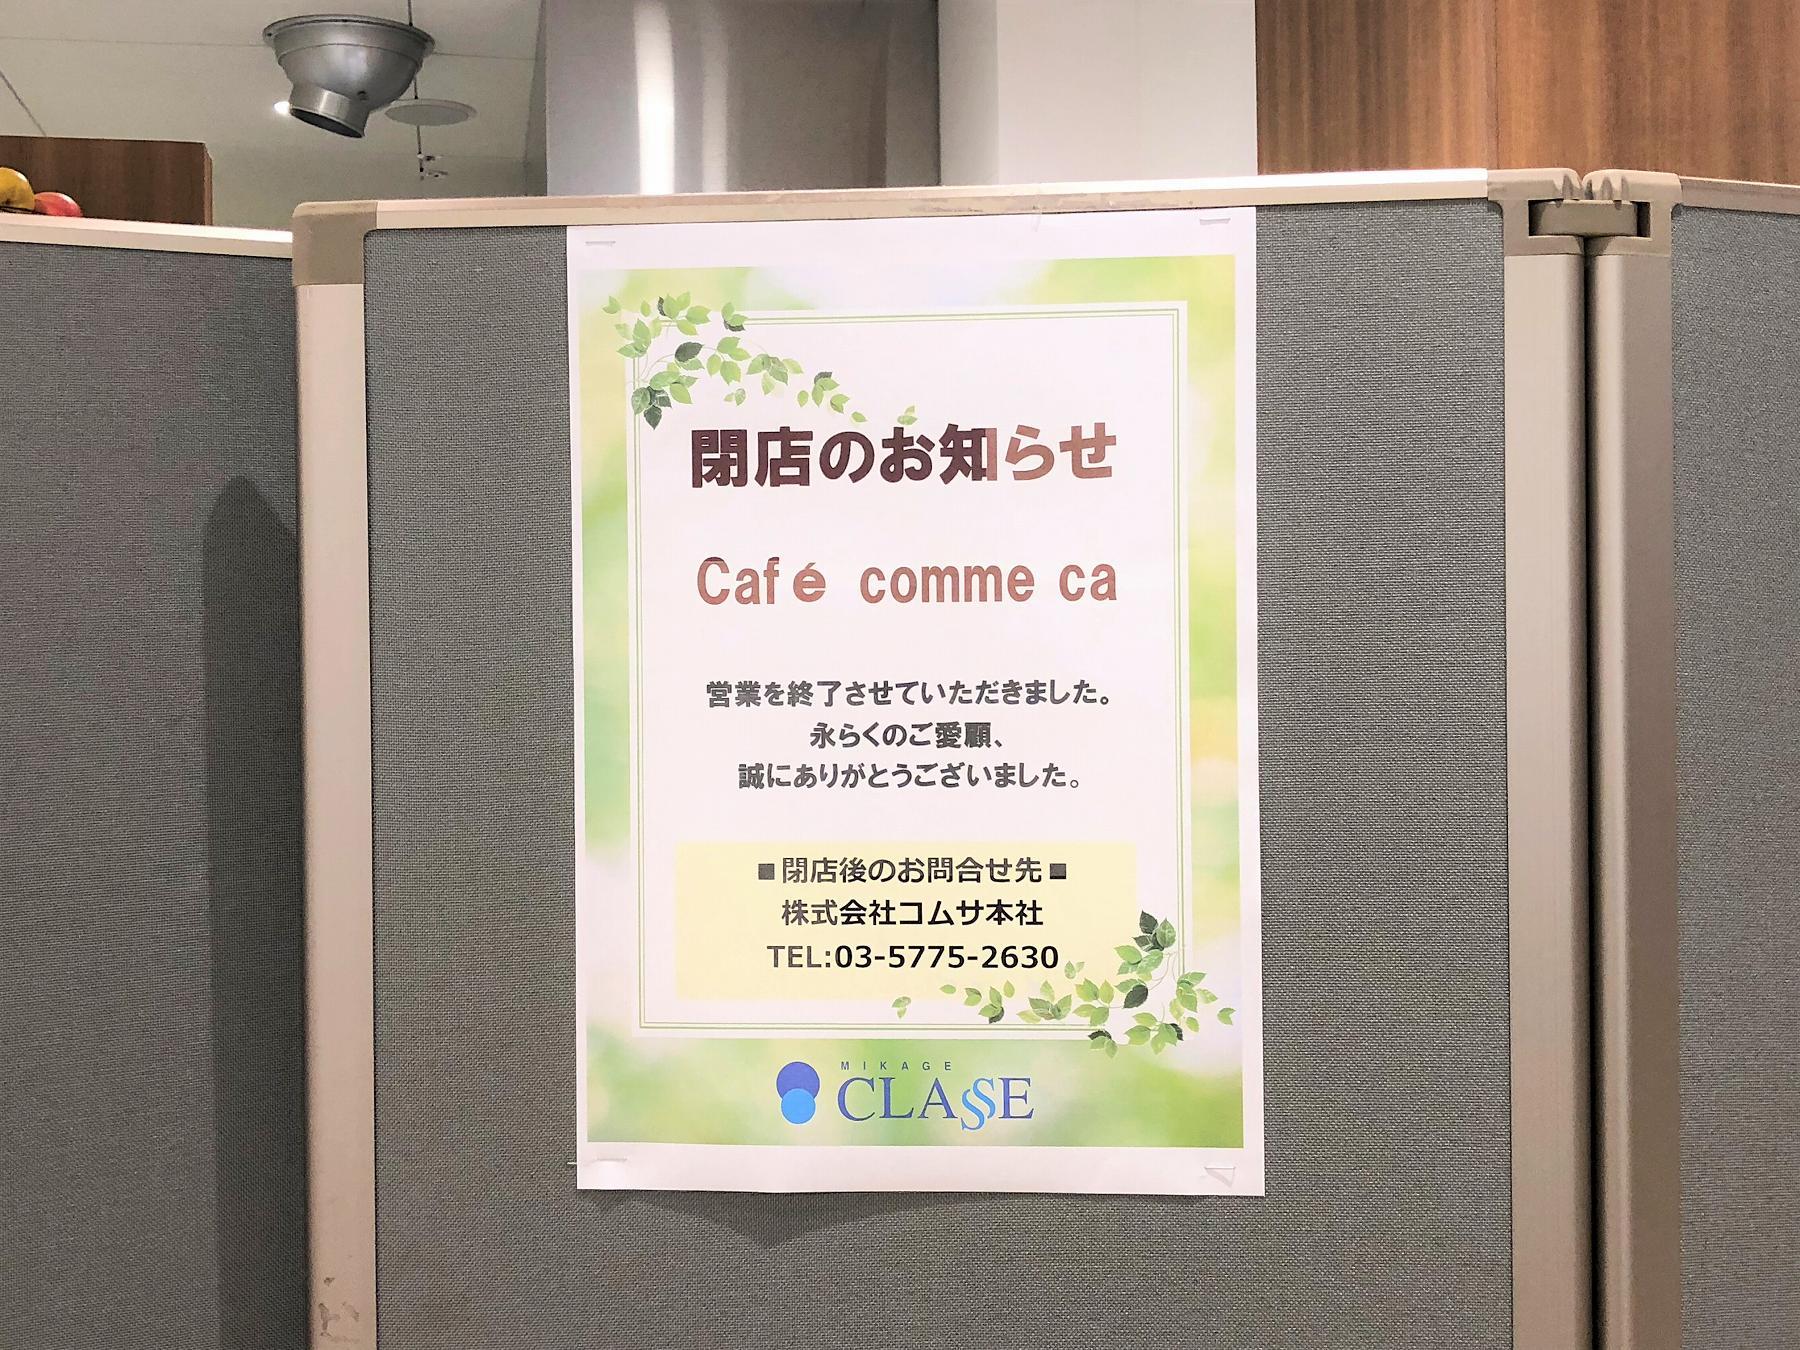 神戸・御影クラッセにあった「Cafe comme ca(カフェコムサ)」が閉店してたよ #閉店情報 #御影クラッセ #カフェコムサ